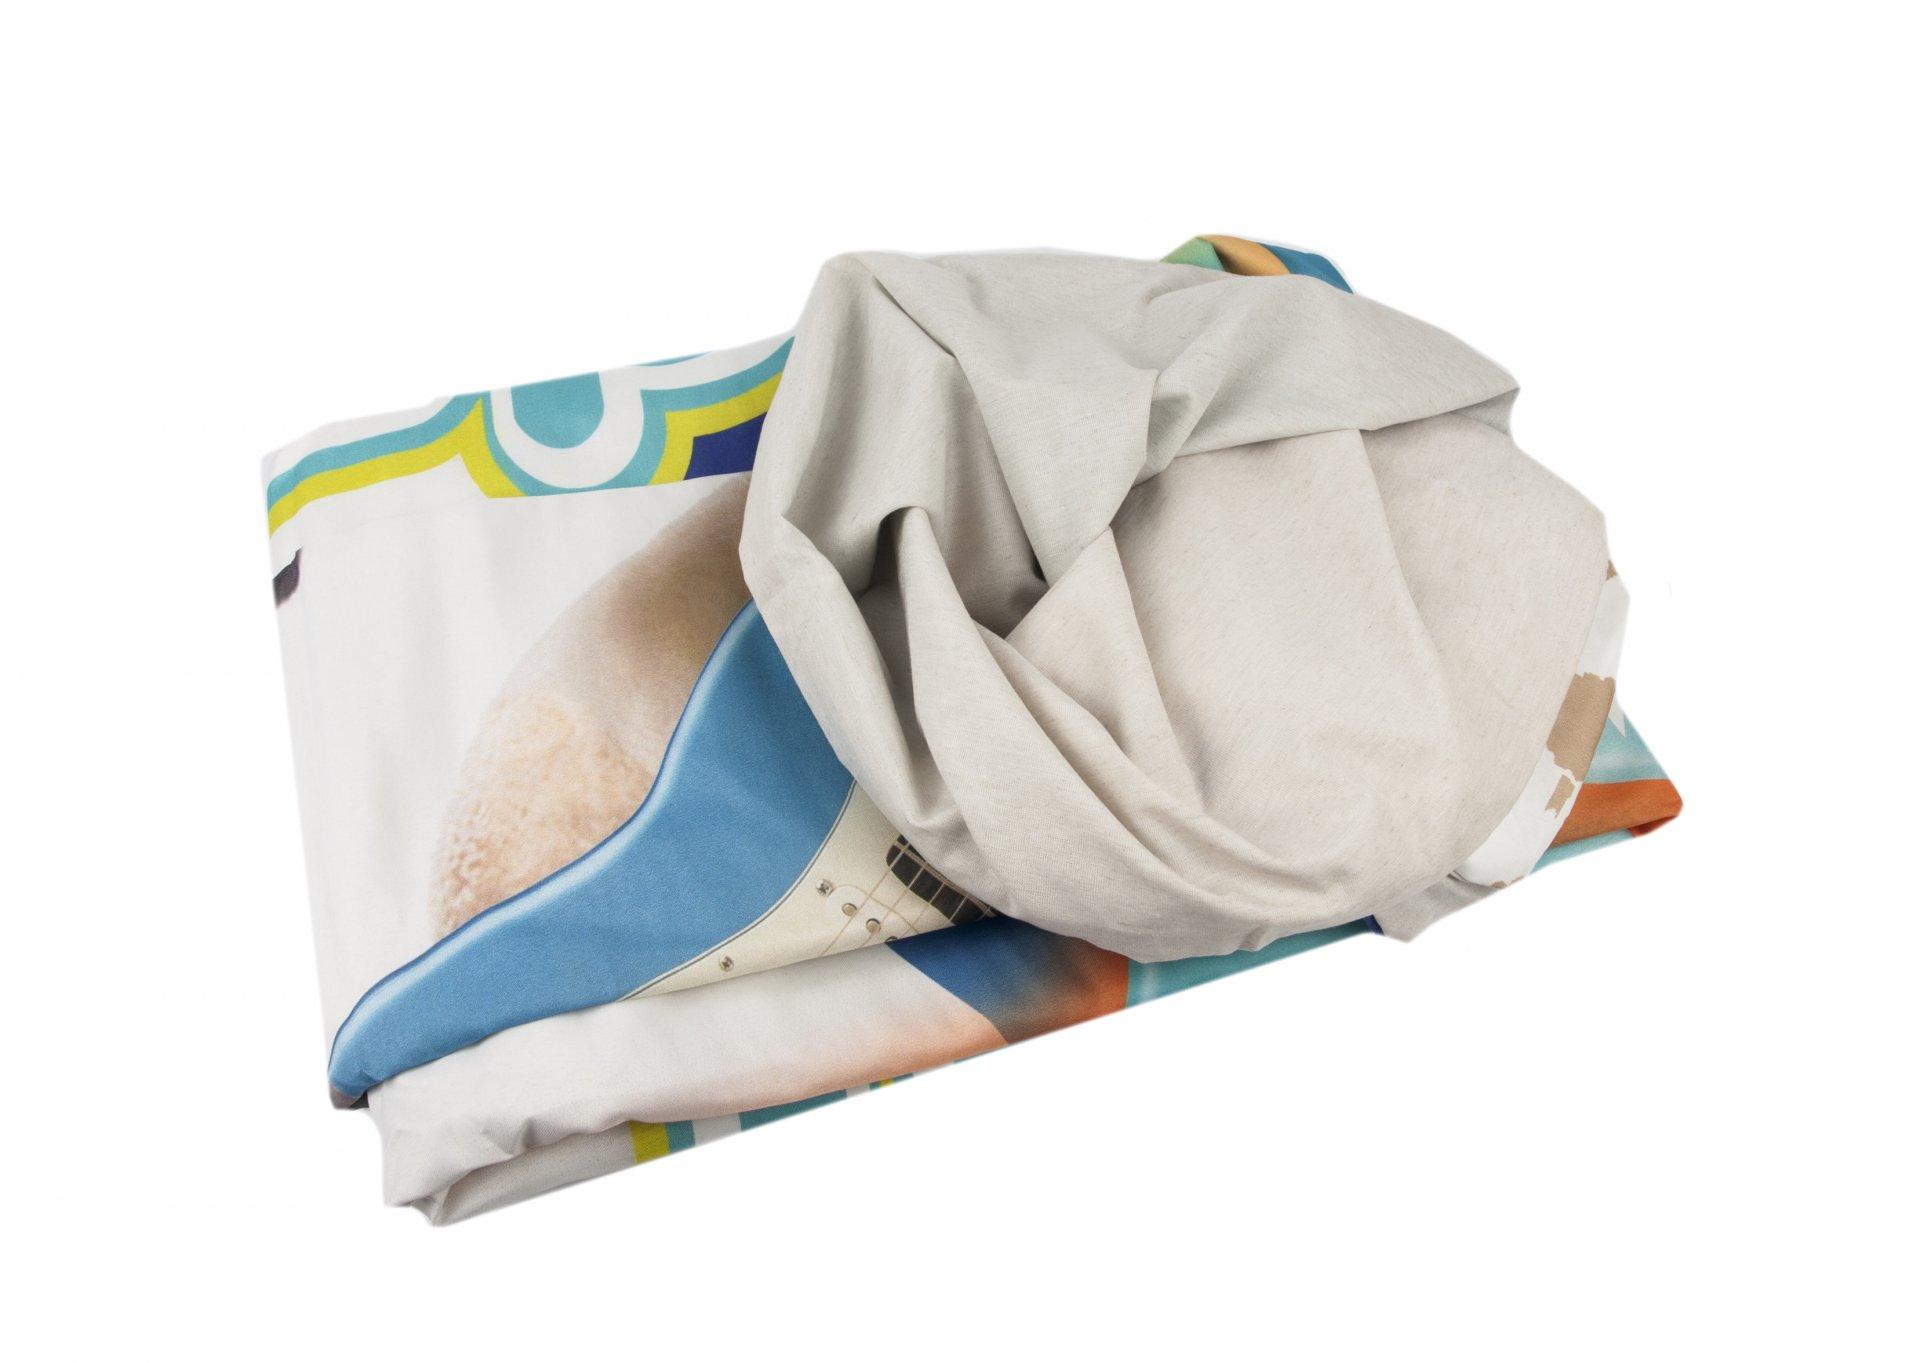 3D MICRO SATIN SHEEPS MAVI комплект Детское постельное белье EPONJ HOME. 3D  MICRO SATIN SHEEPS MAVI пододеяльник 08db2cedc5e29